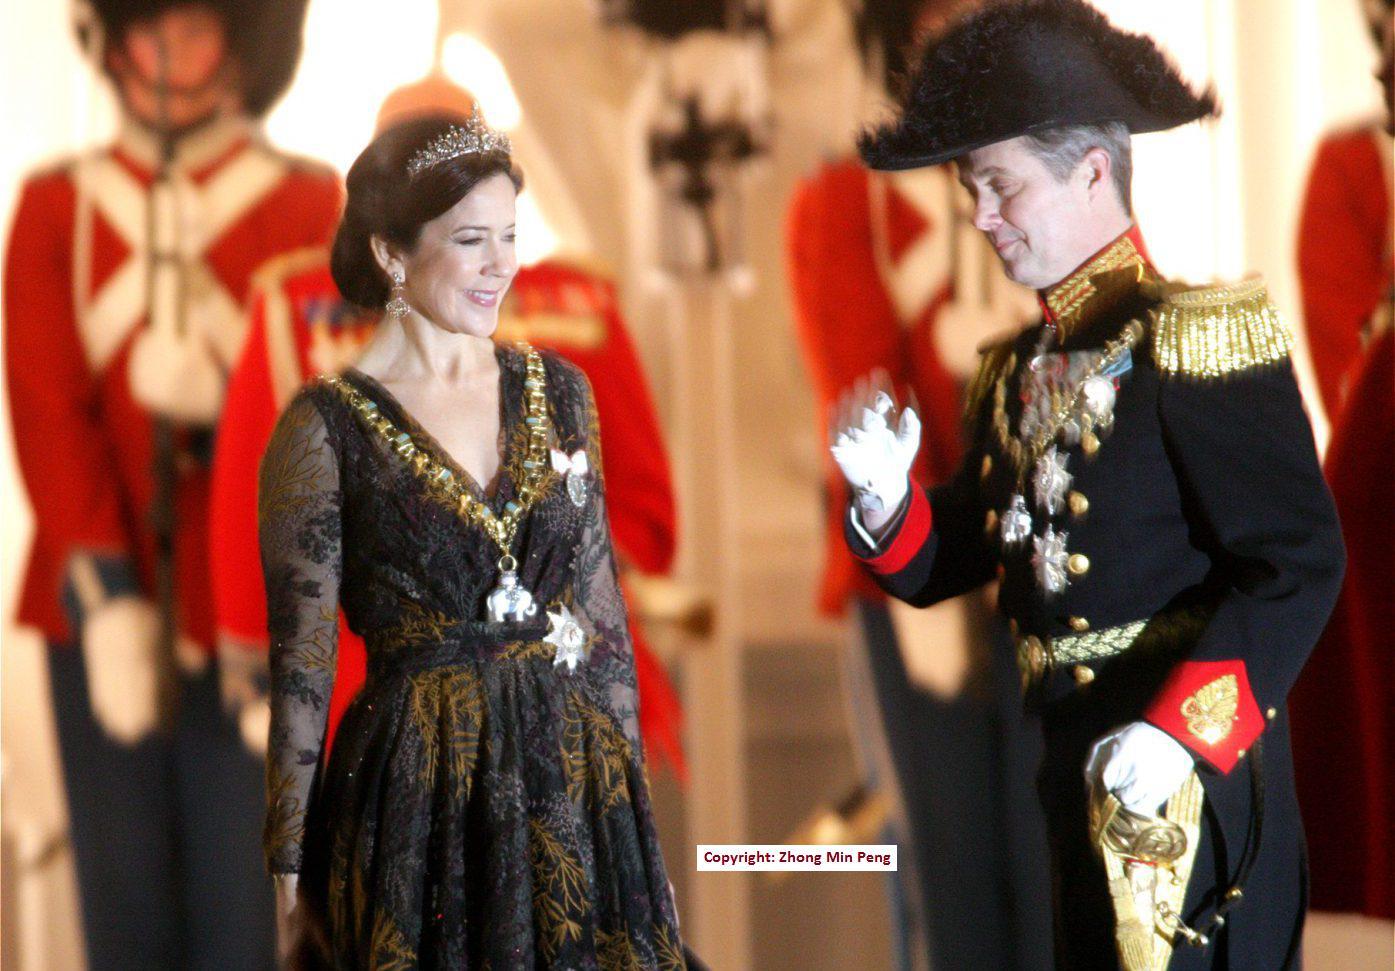 H.K.H. Mary Donaldson og H.K.H Kronprins Frederik i et hyggeligt øjeblik